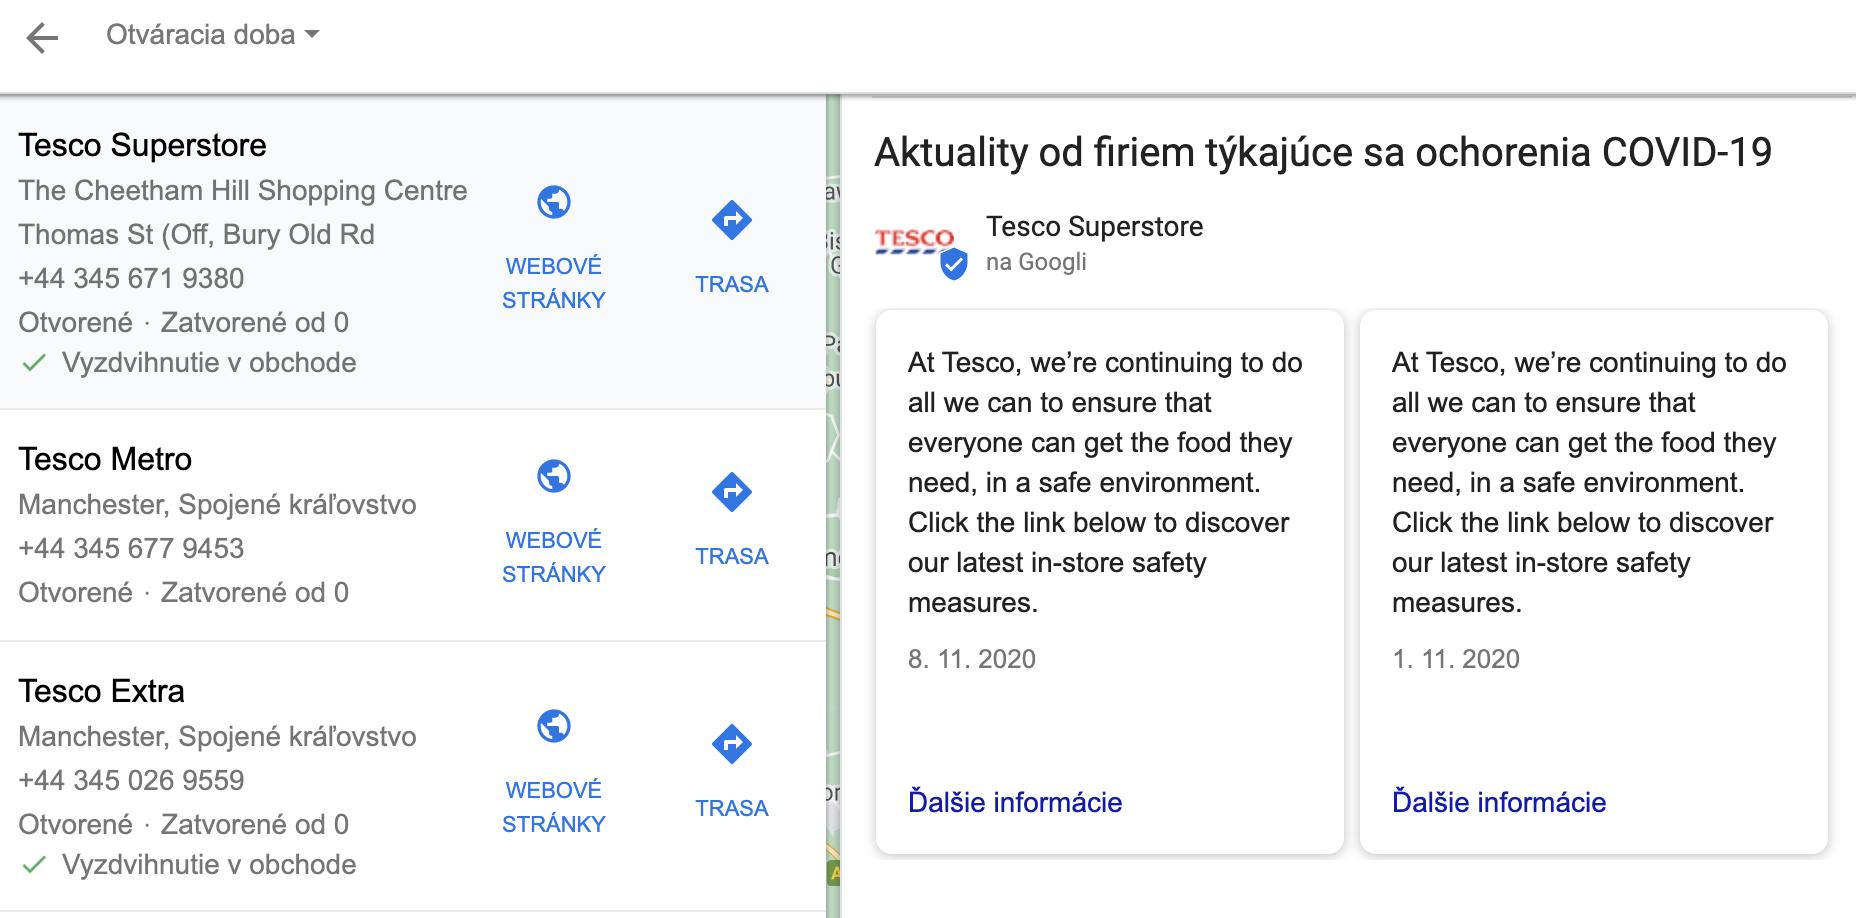 TESCO v Londýne komunikuje zavedené opatrenia aj v Google My Business prostredníctvom príspevkov a tým pádom aj v Mapách Google.